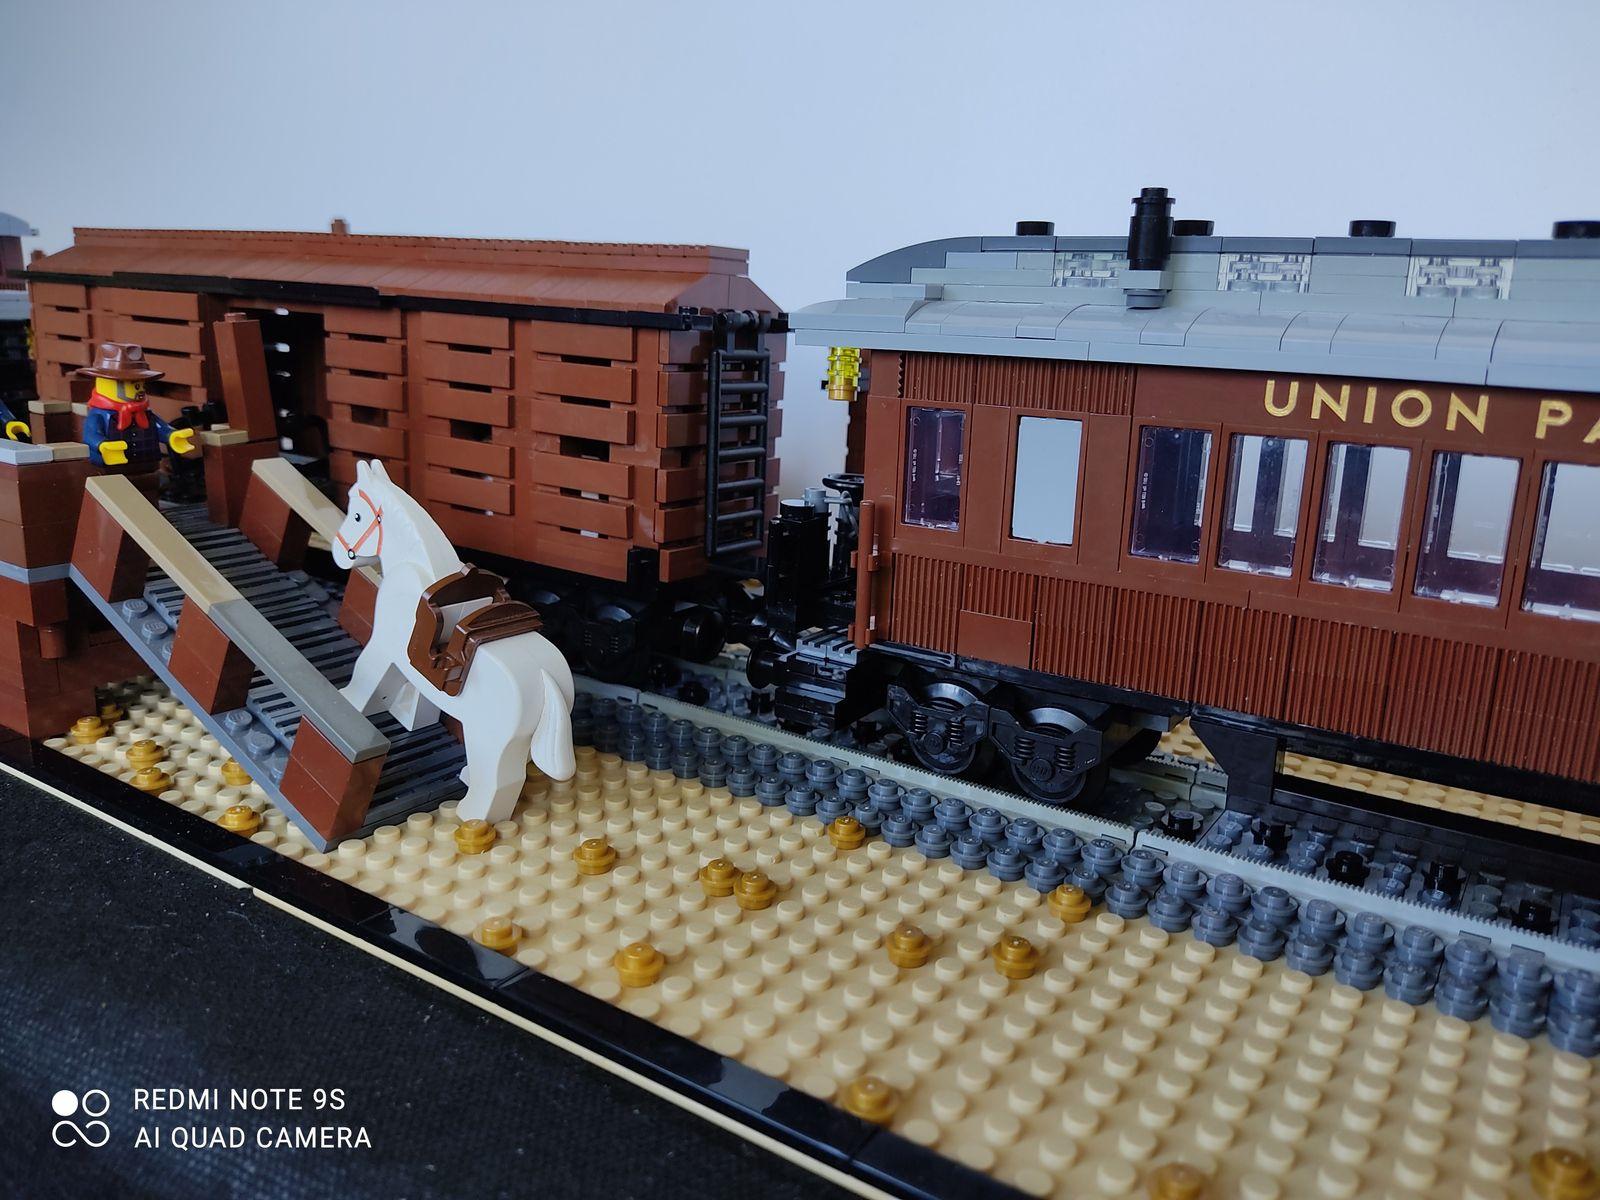 Train d'Union Pacific d'Ouest en Est